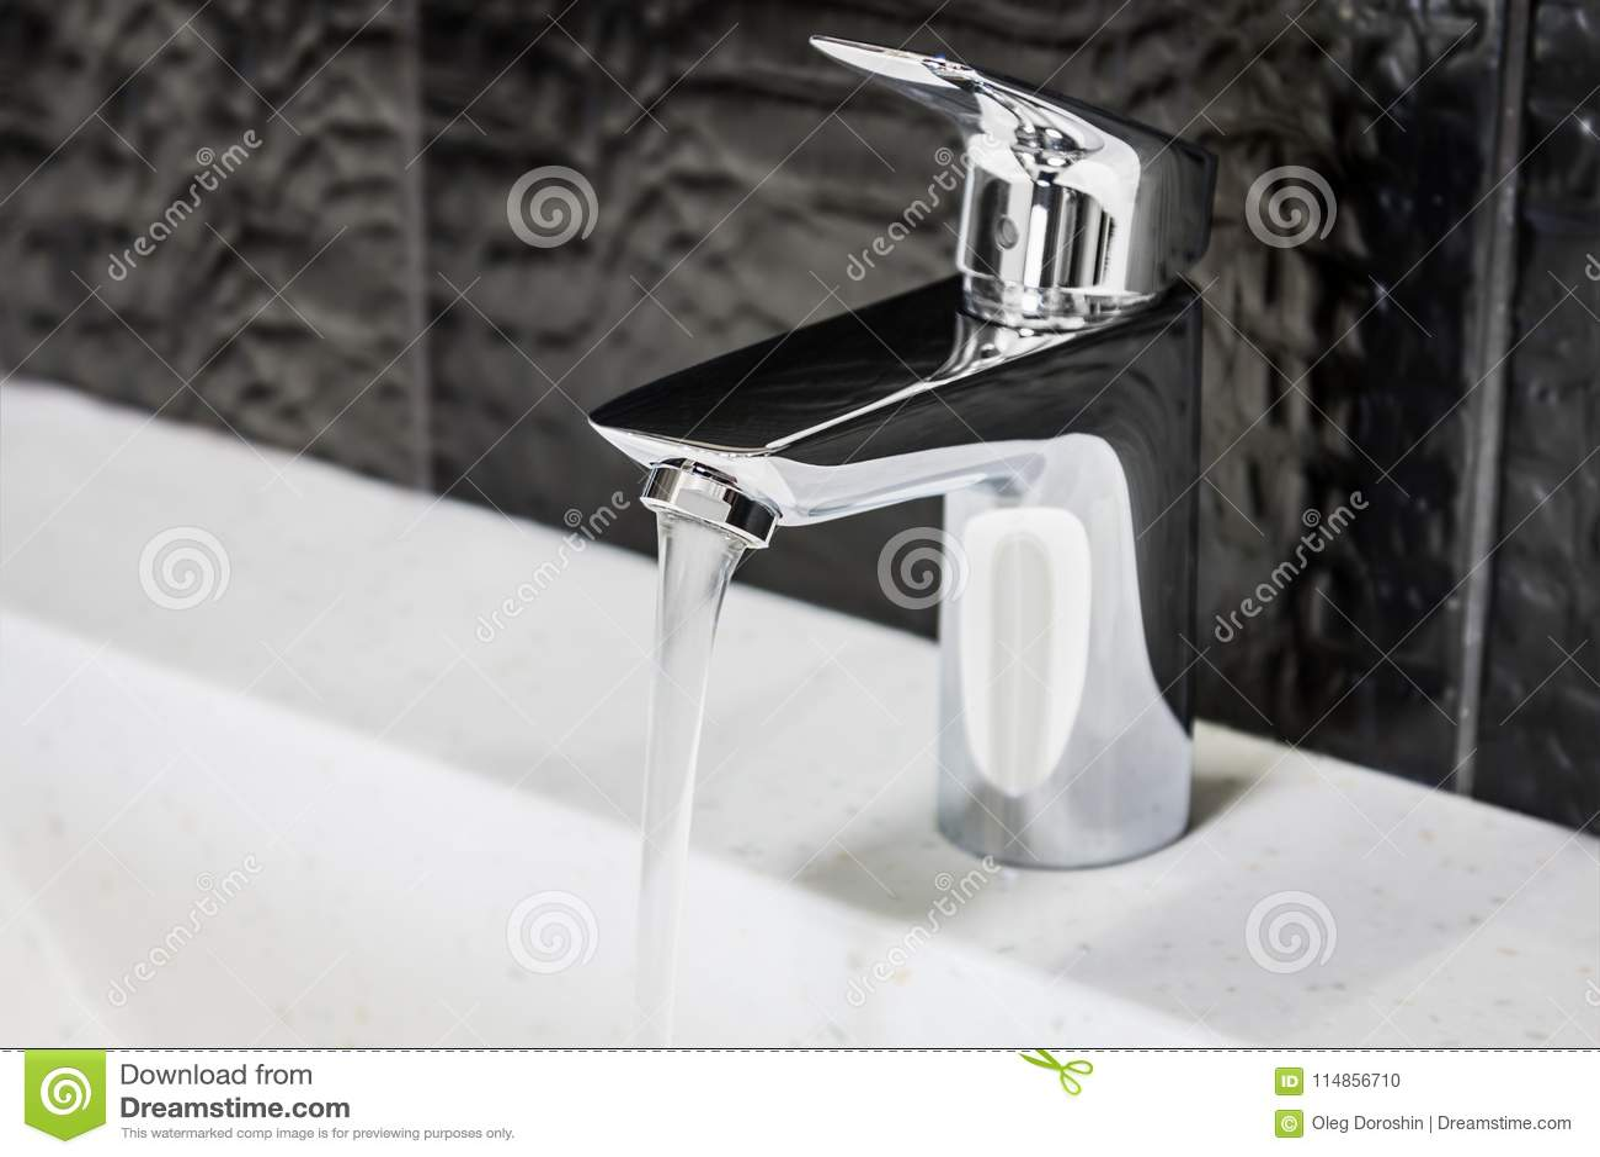 Wasserhahn Im Badezimmer Oder In Der Toilette Stockfoto - Bild von ...